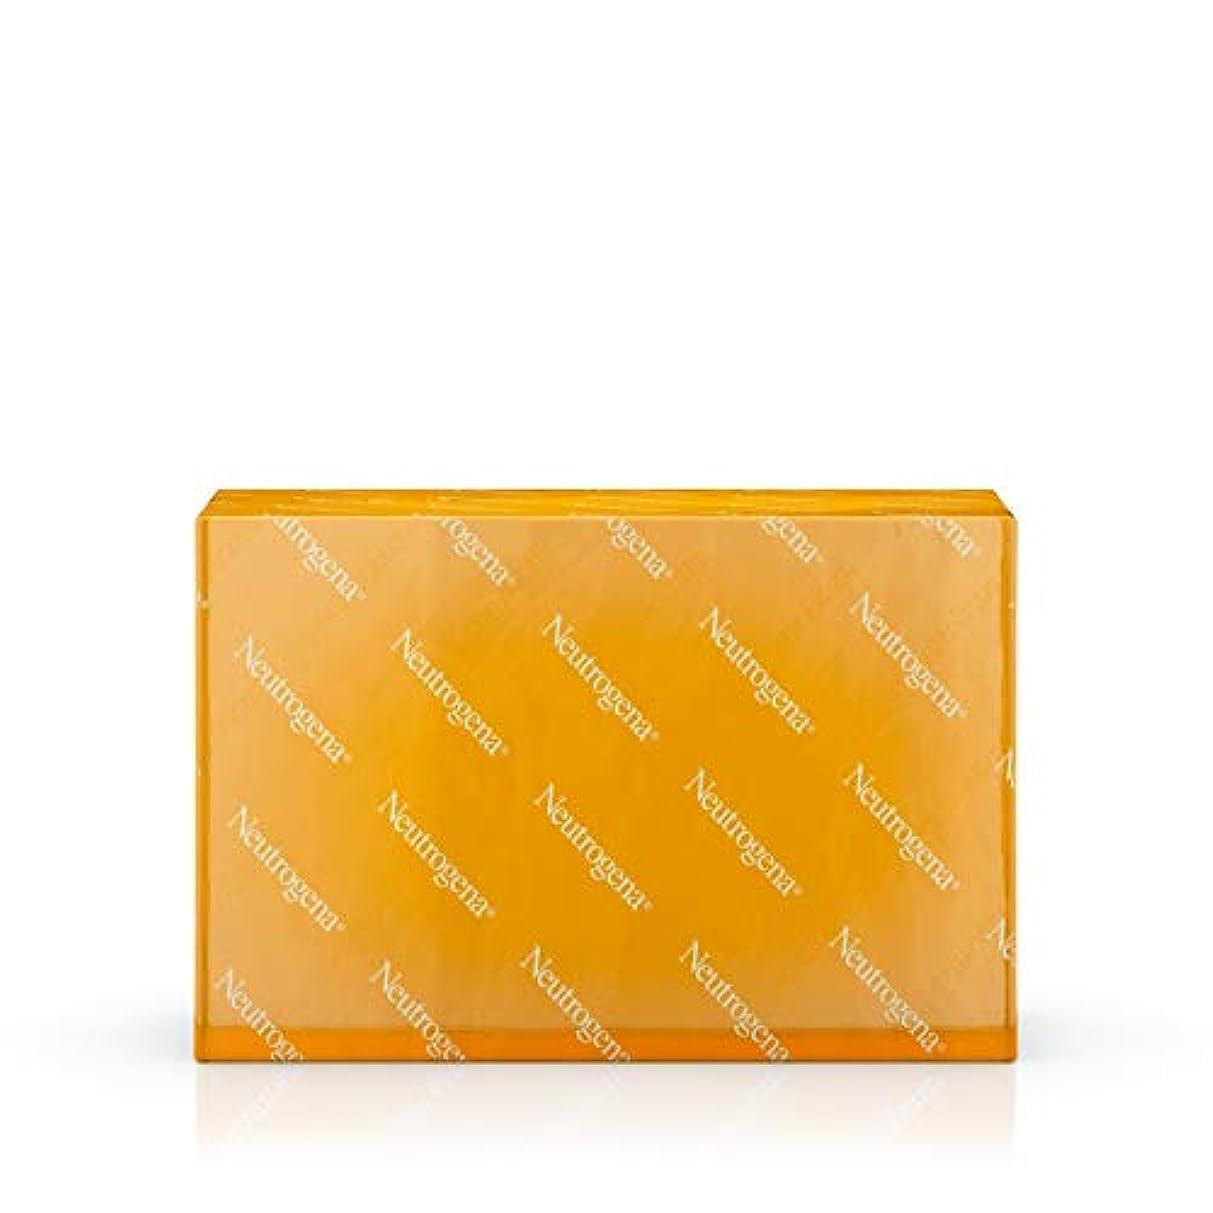 追うベット硬化する海外直送品 Neutrogena Neutrogena Transparent Facial Bar Soap Fragrance Free, Fragrance Free 3.5 oz